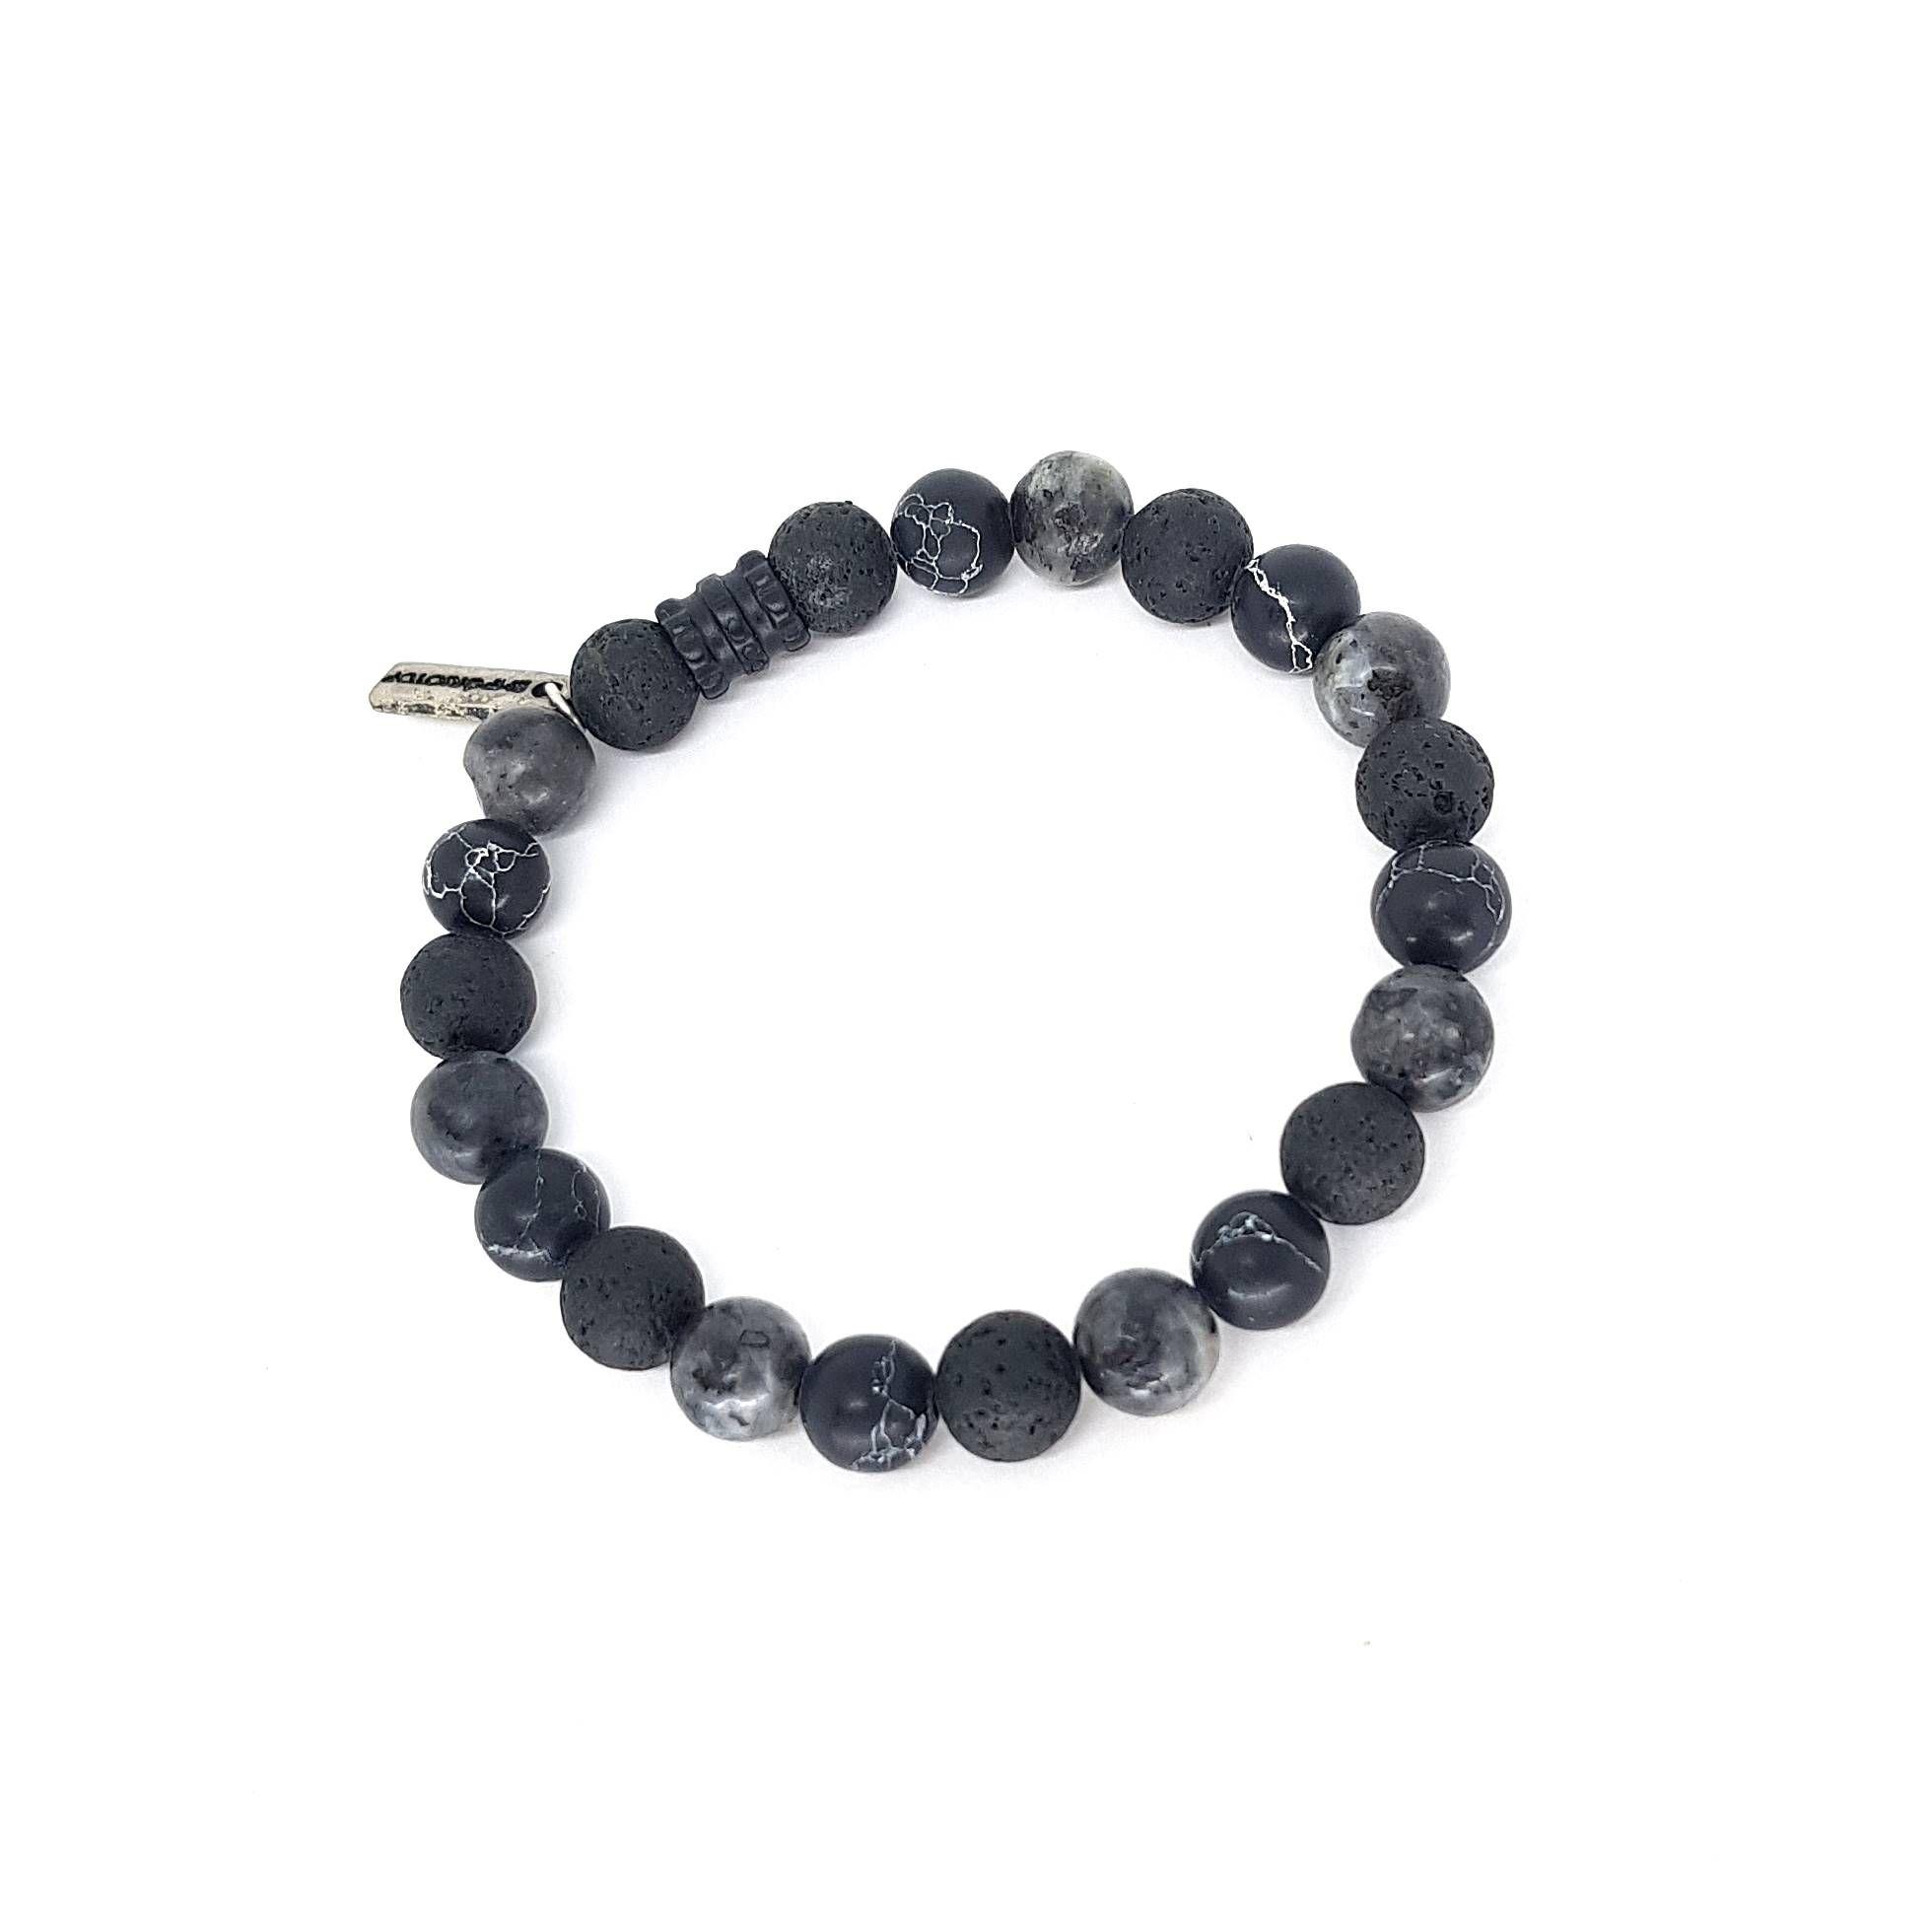 Pulseira Mix de Pedras Especiais Black Essencial Series